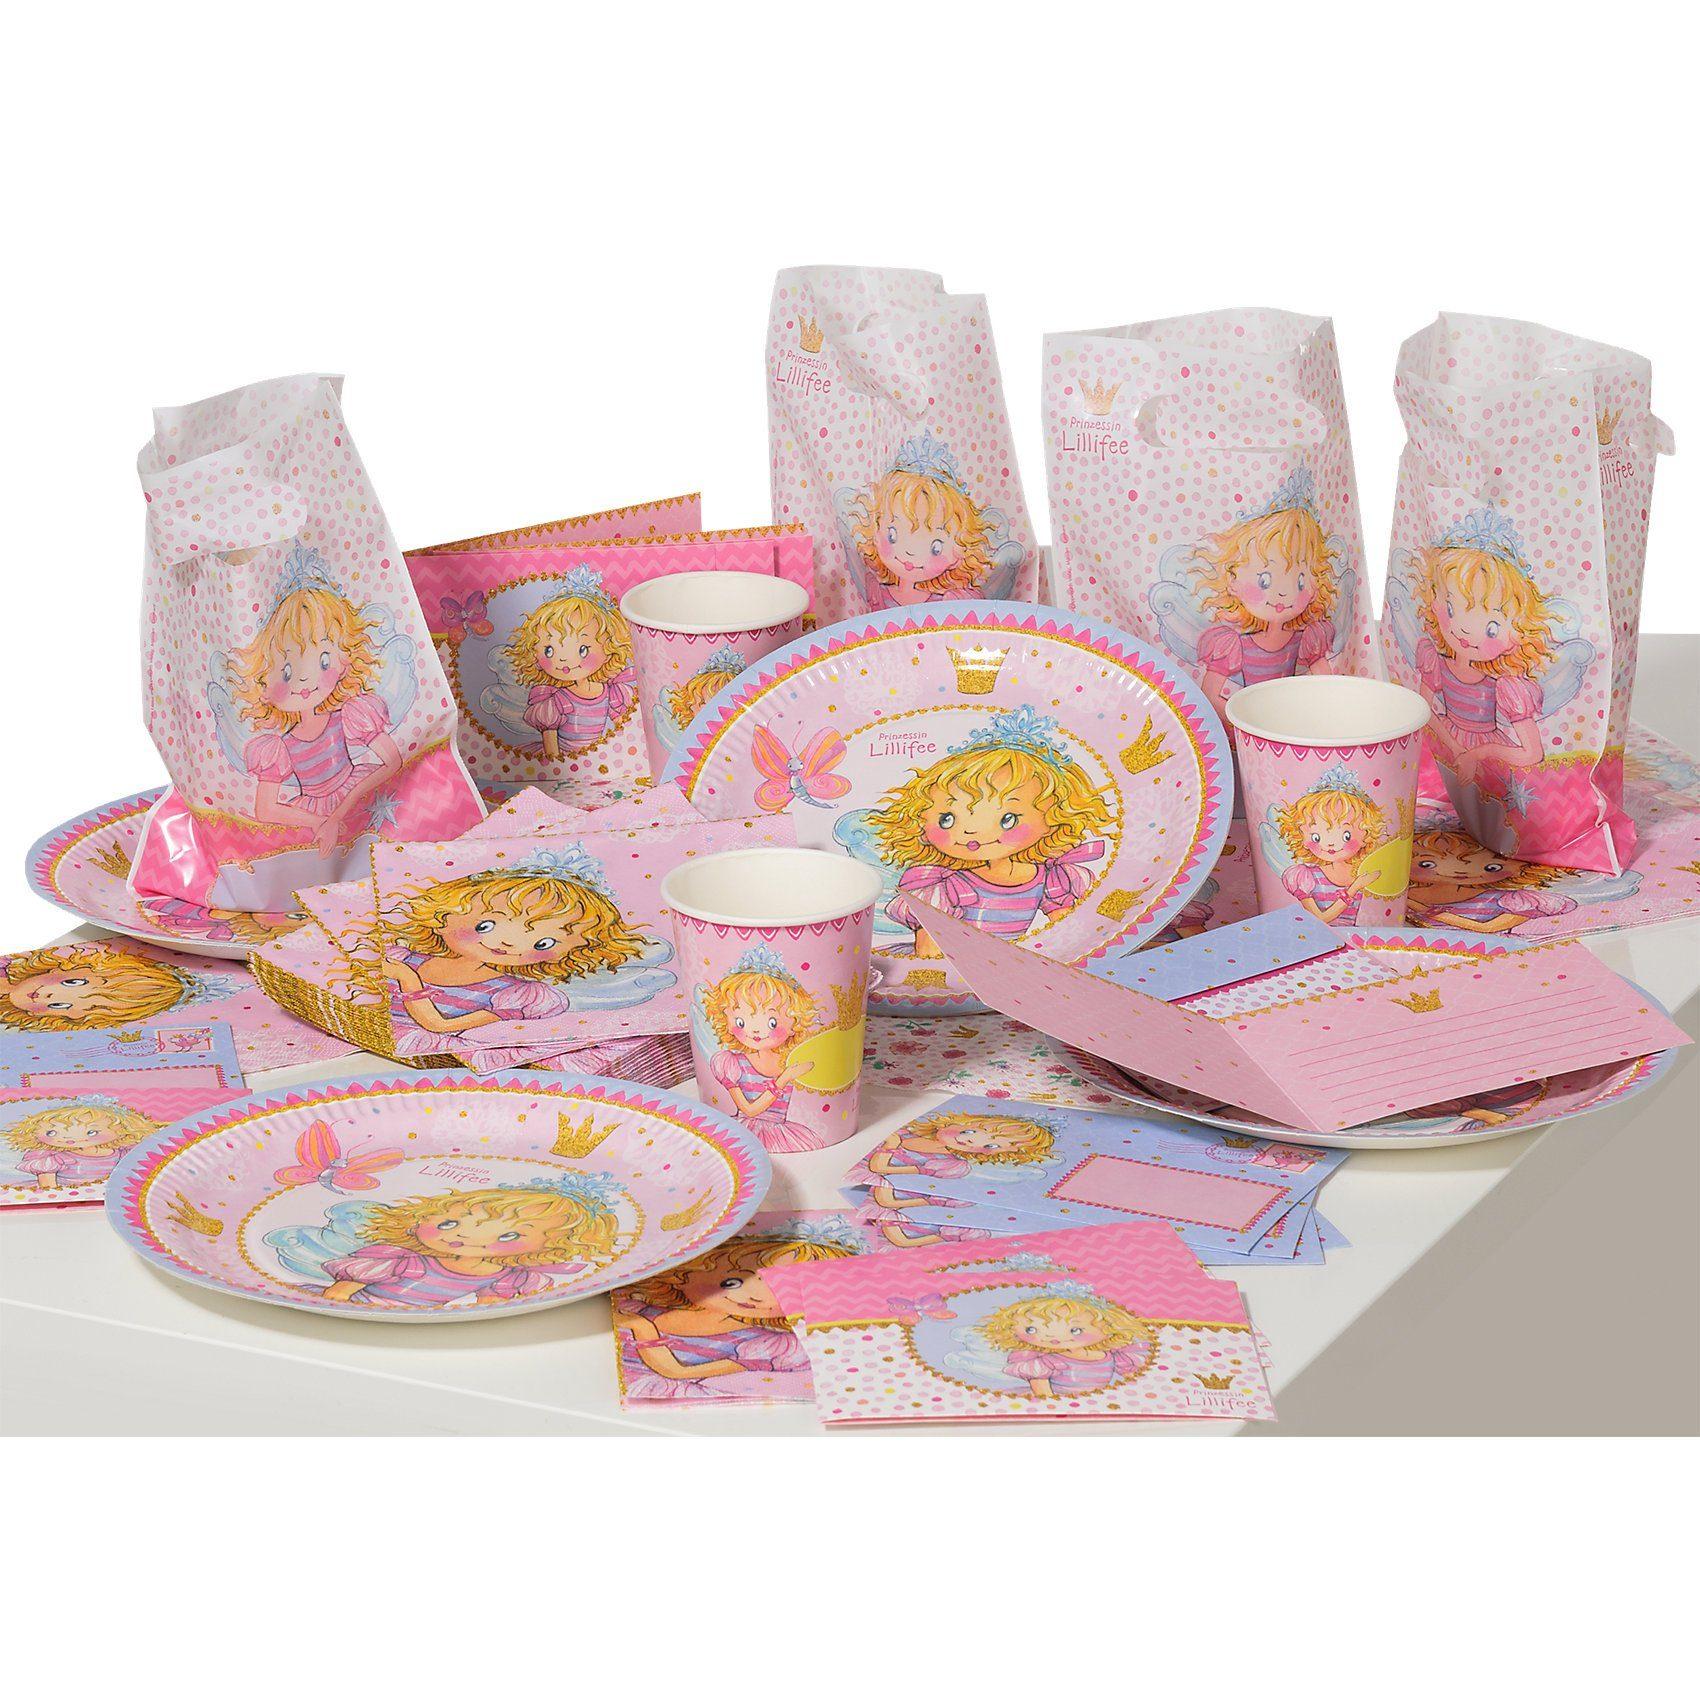 """Spiegelburg Partyset Prinzessin Lillifee """"für Prinzessinnen"""" (komplett)"""